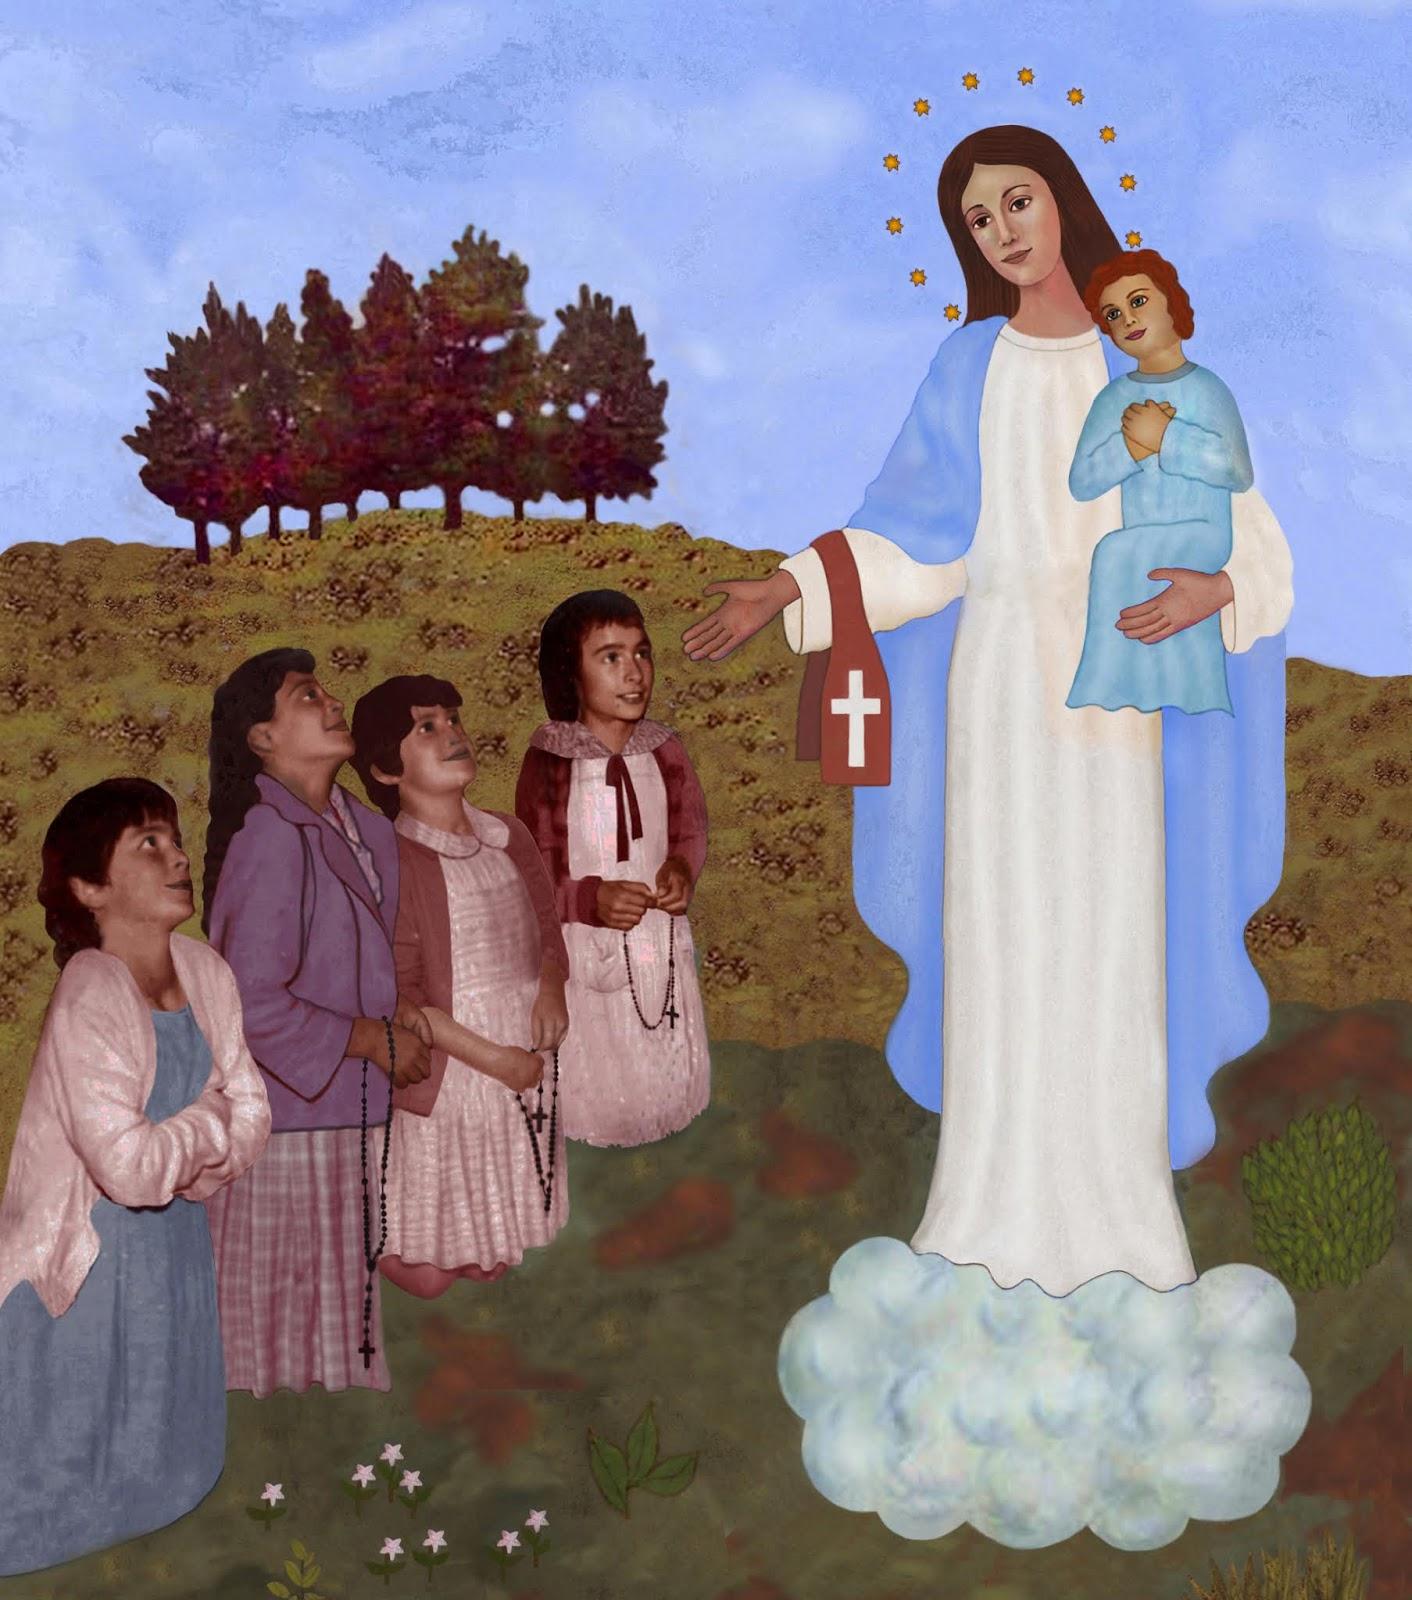 Nuestra Señora Madre de la Humanidad: Apariciones y mensajes de Nuestra Señora en Garabandal